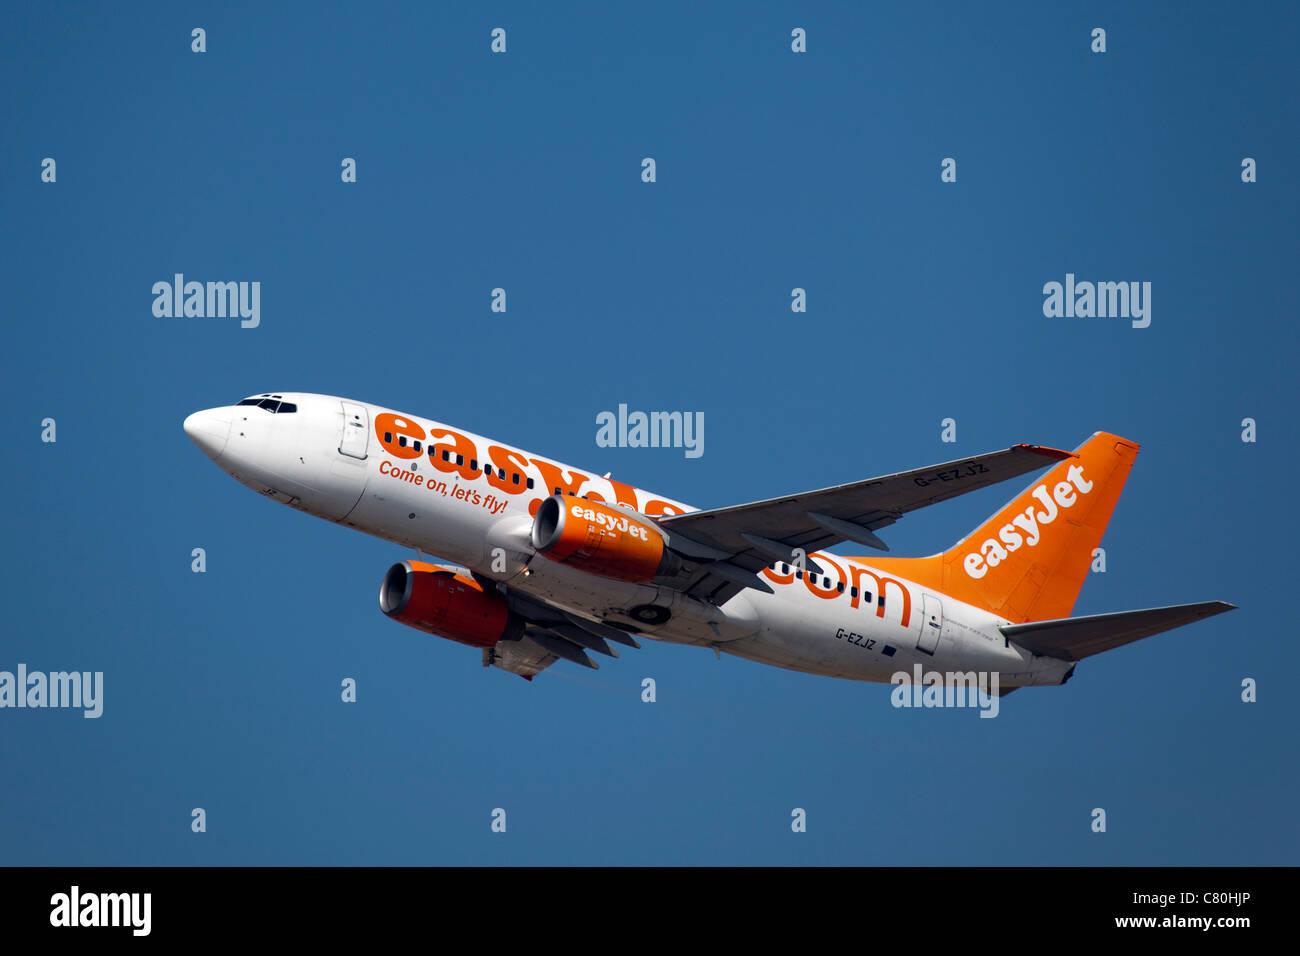 Avion au décollage à l'aéroport de Malaga Costa del Sol Andalousie Espagne Photo Stock